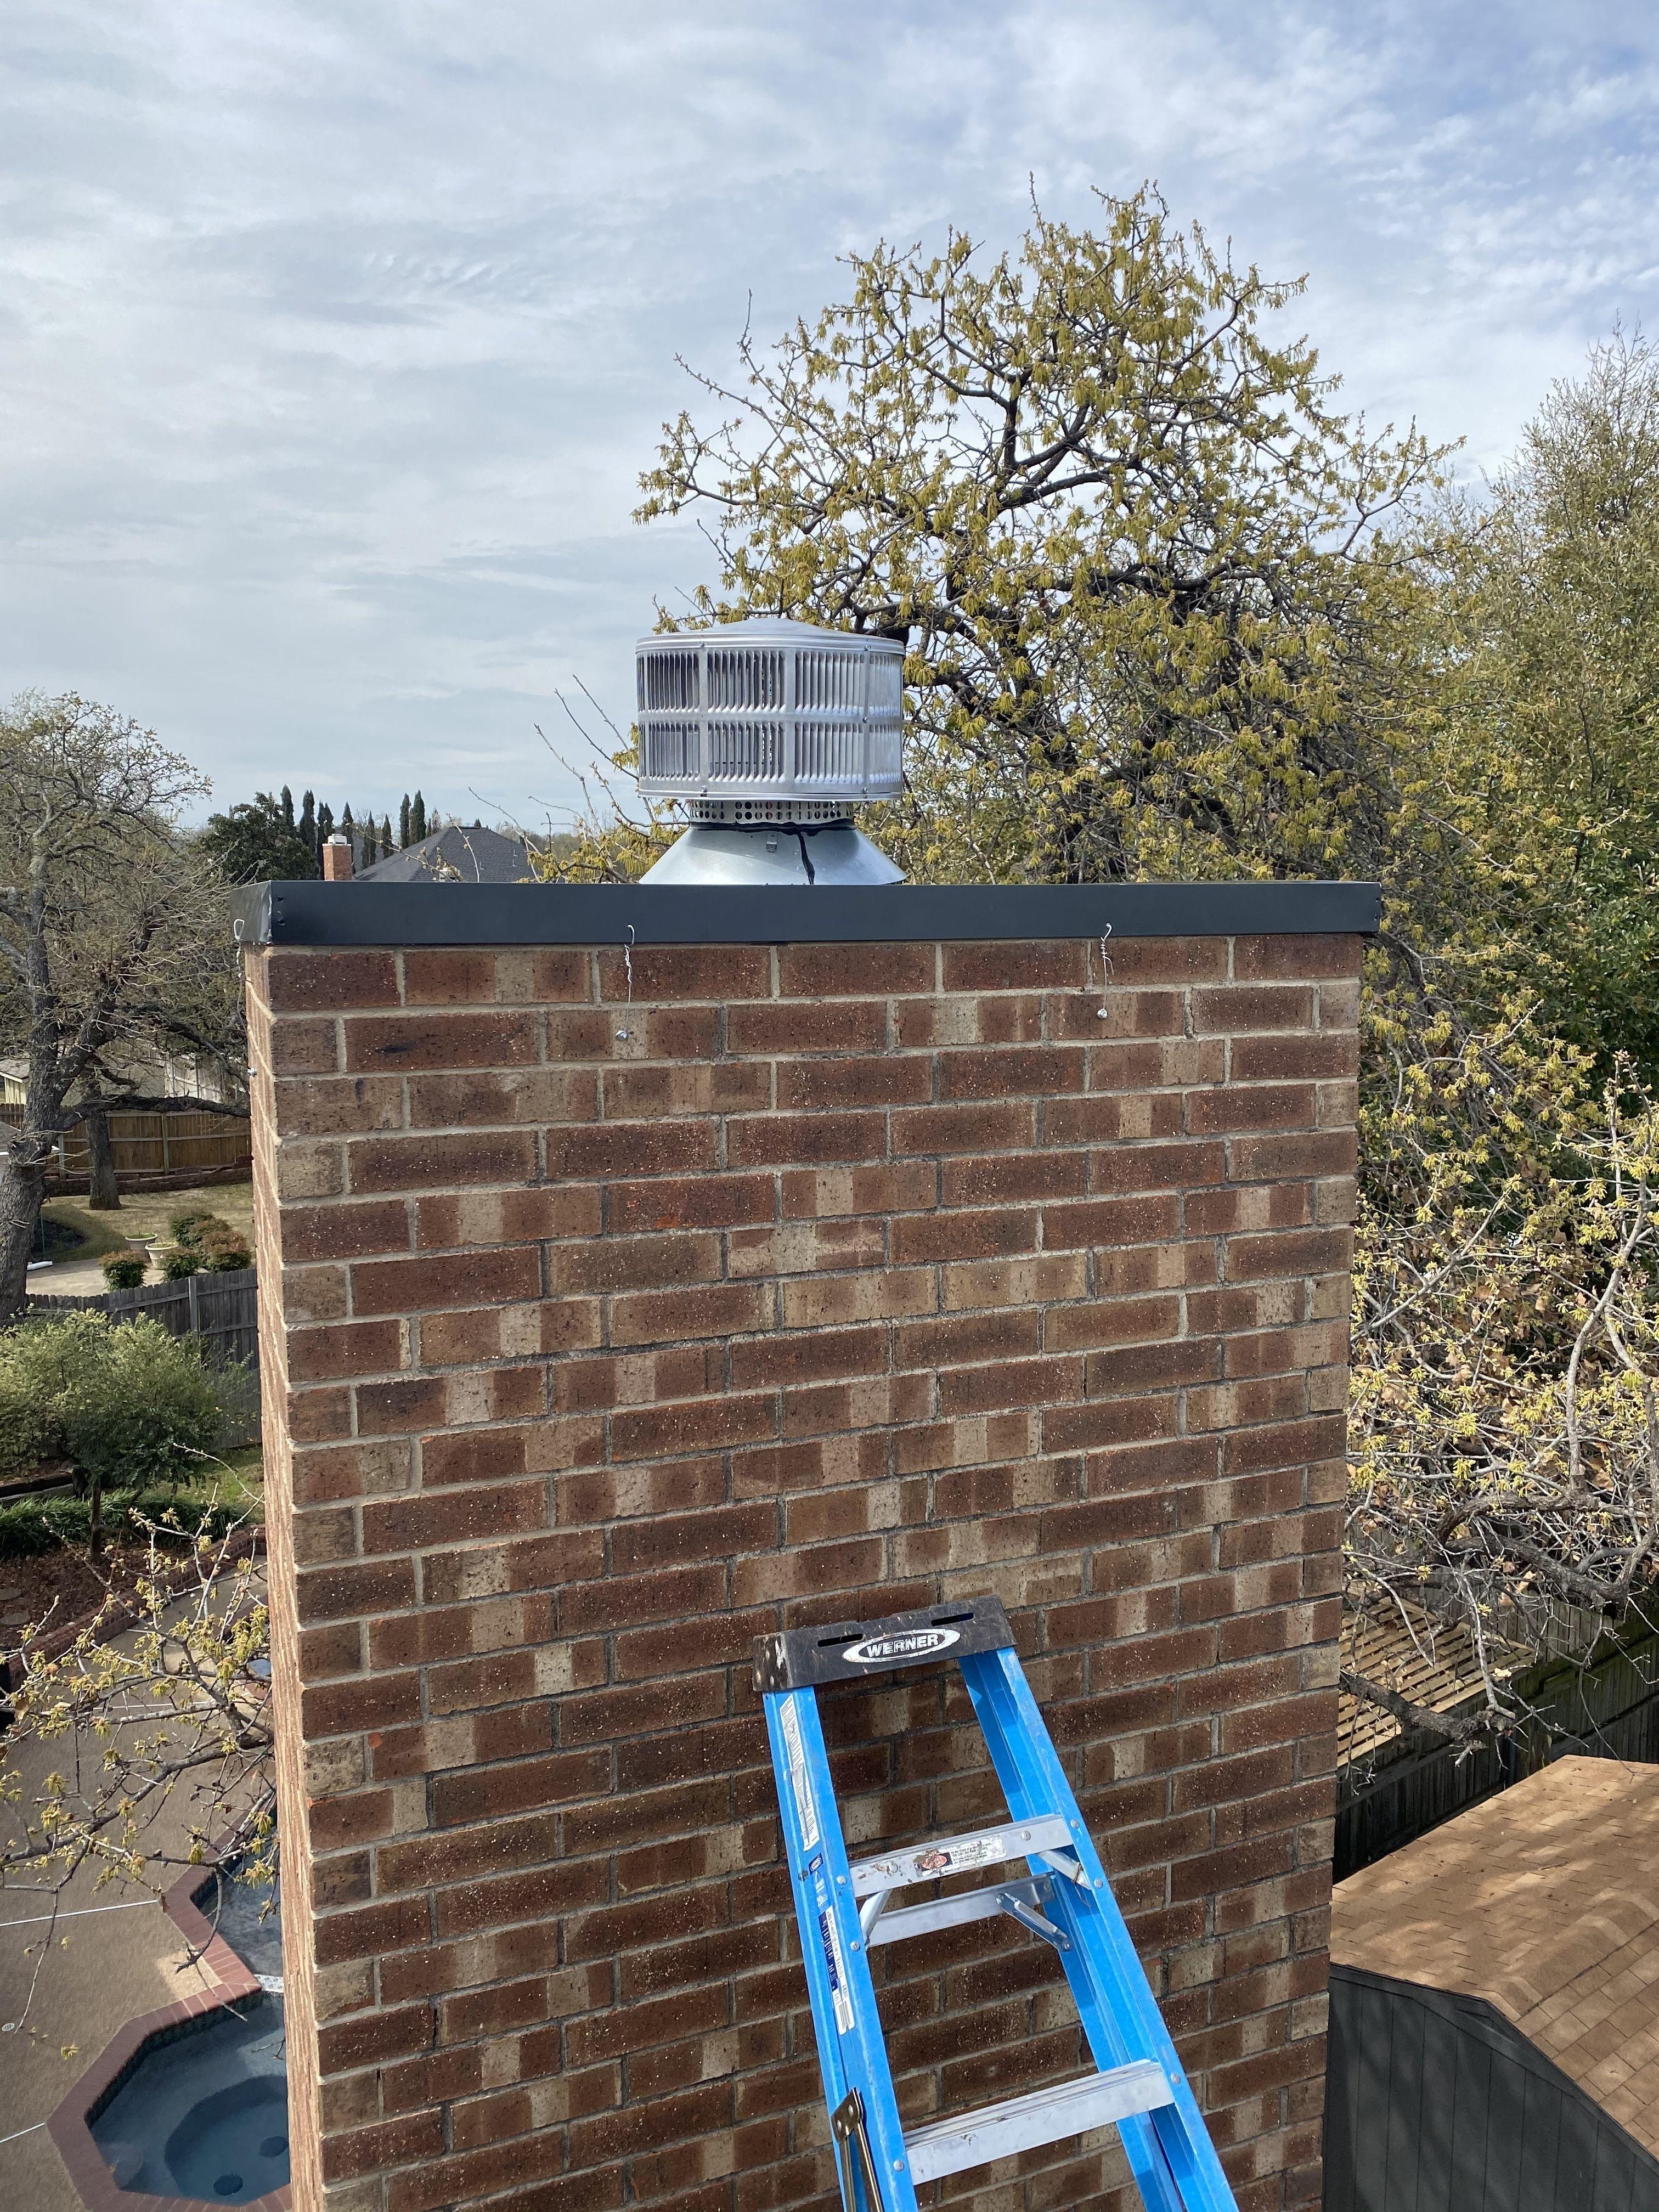 Chase cover spark arrestor 31620 chimney cap